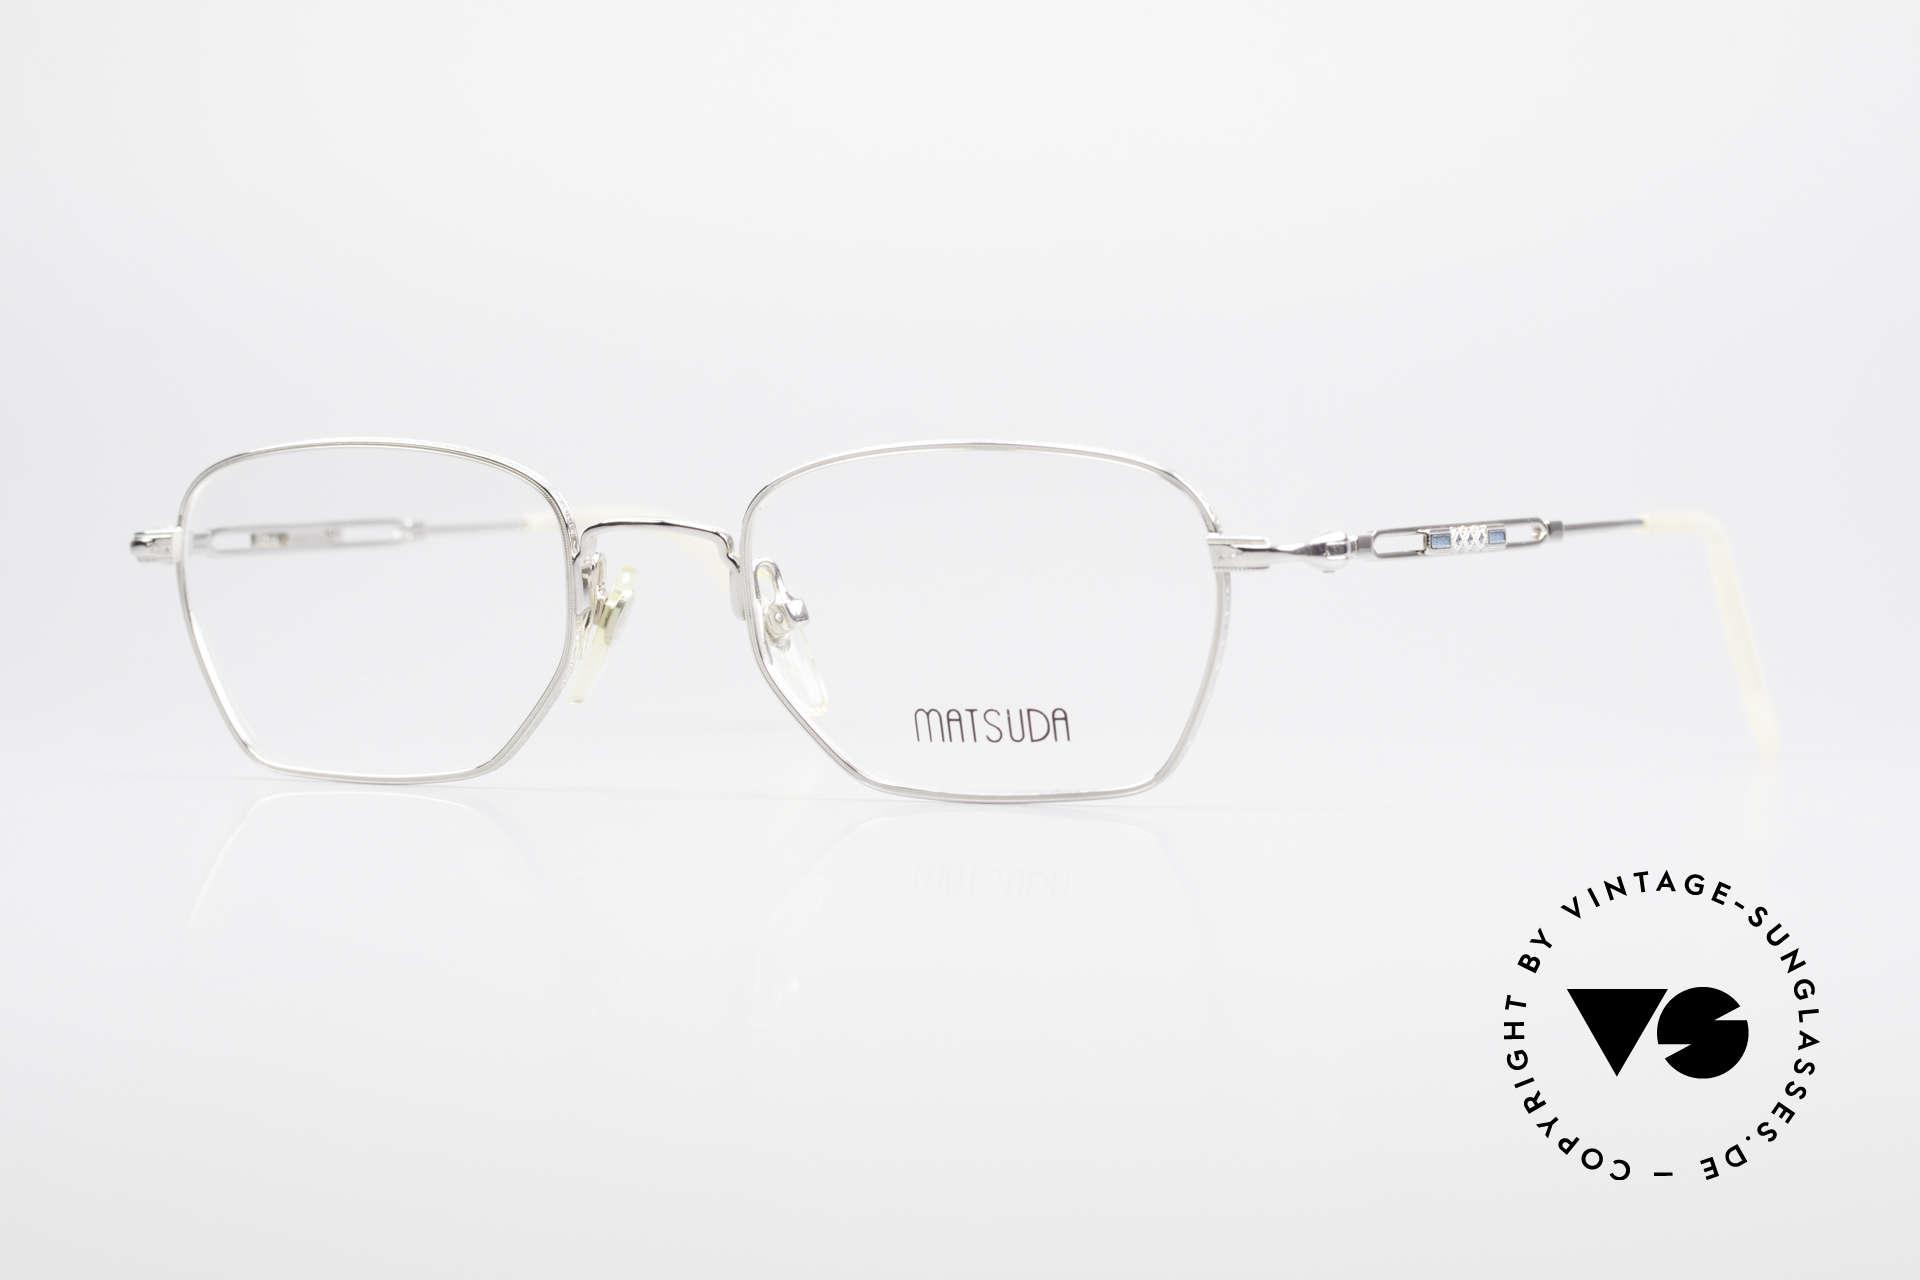 Matsuda 2882 Vintage Brillenfassung Eckig, vintage Matsuda Brillenfassung aus den 1990ern, Passend für Herren